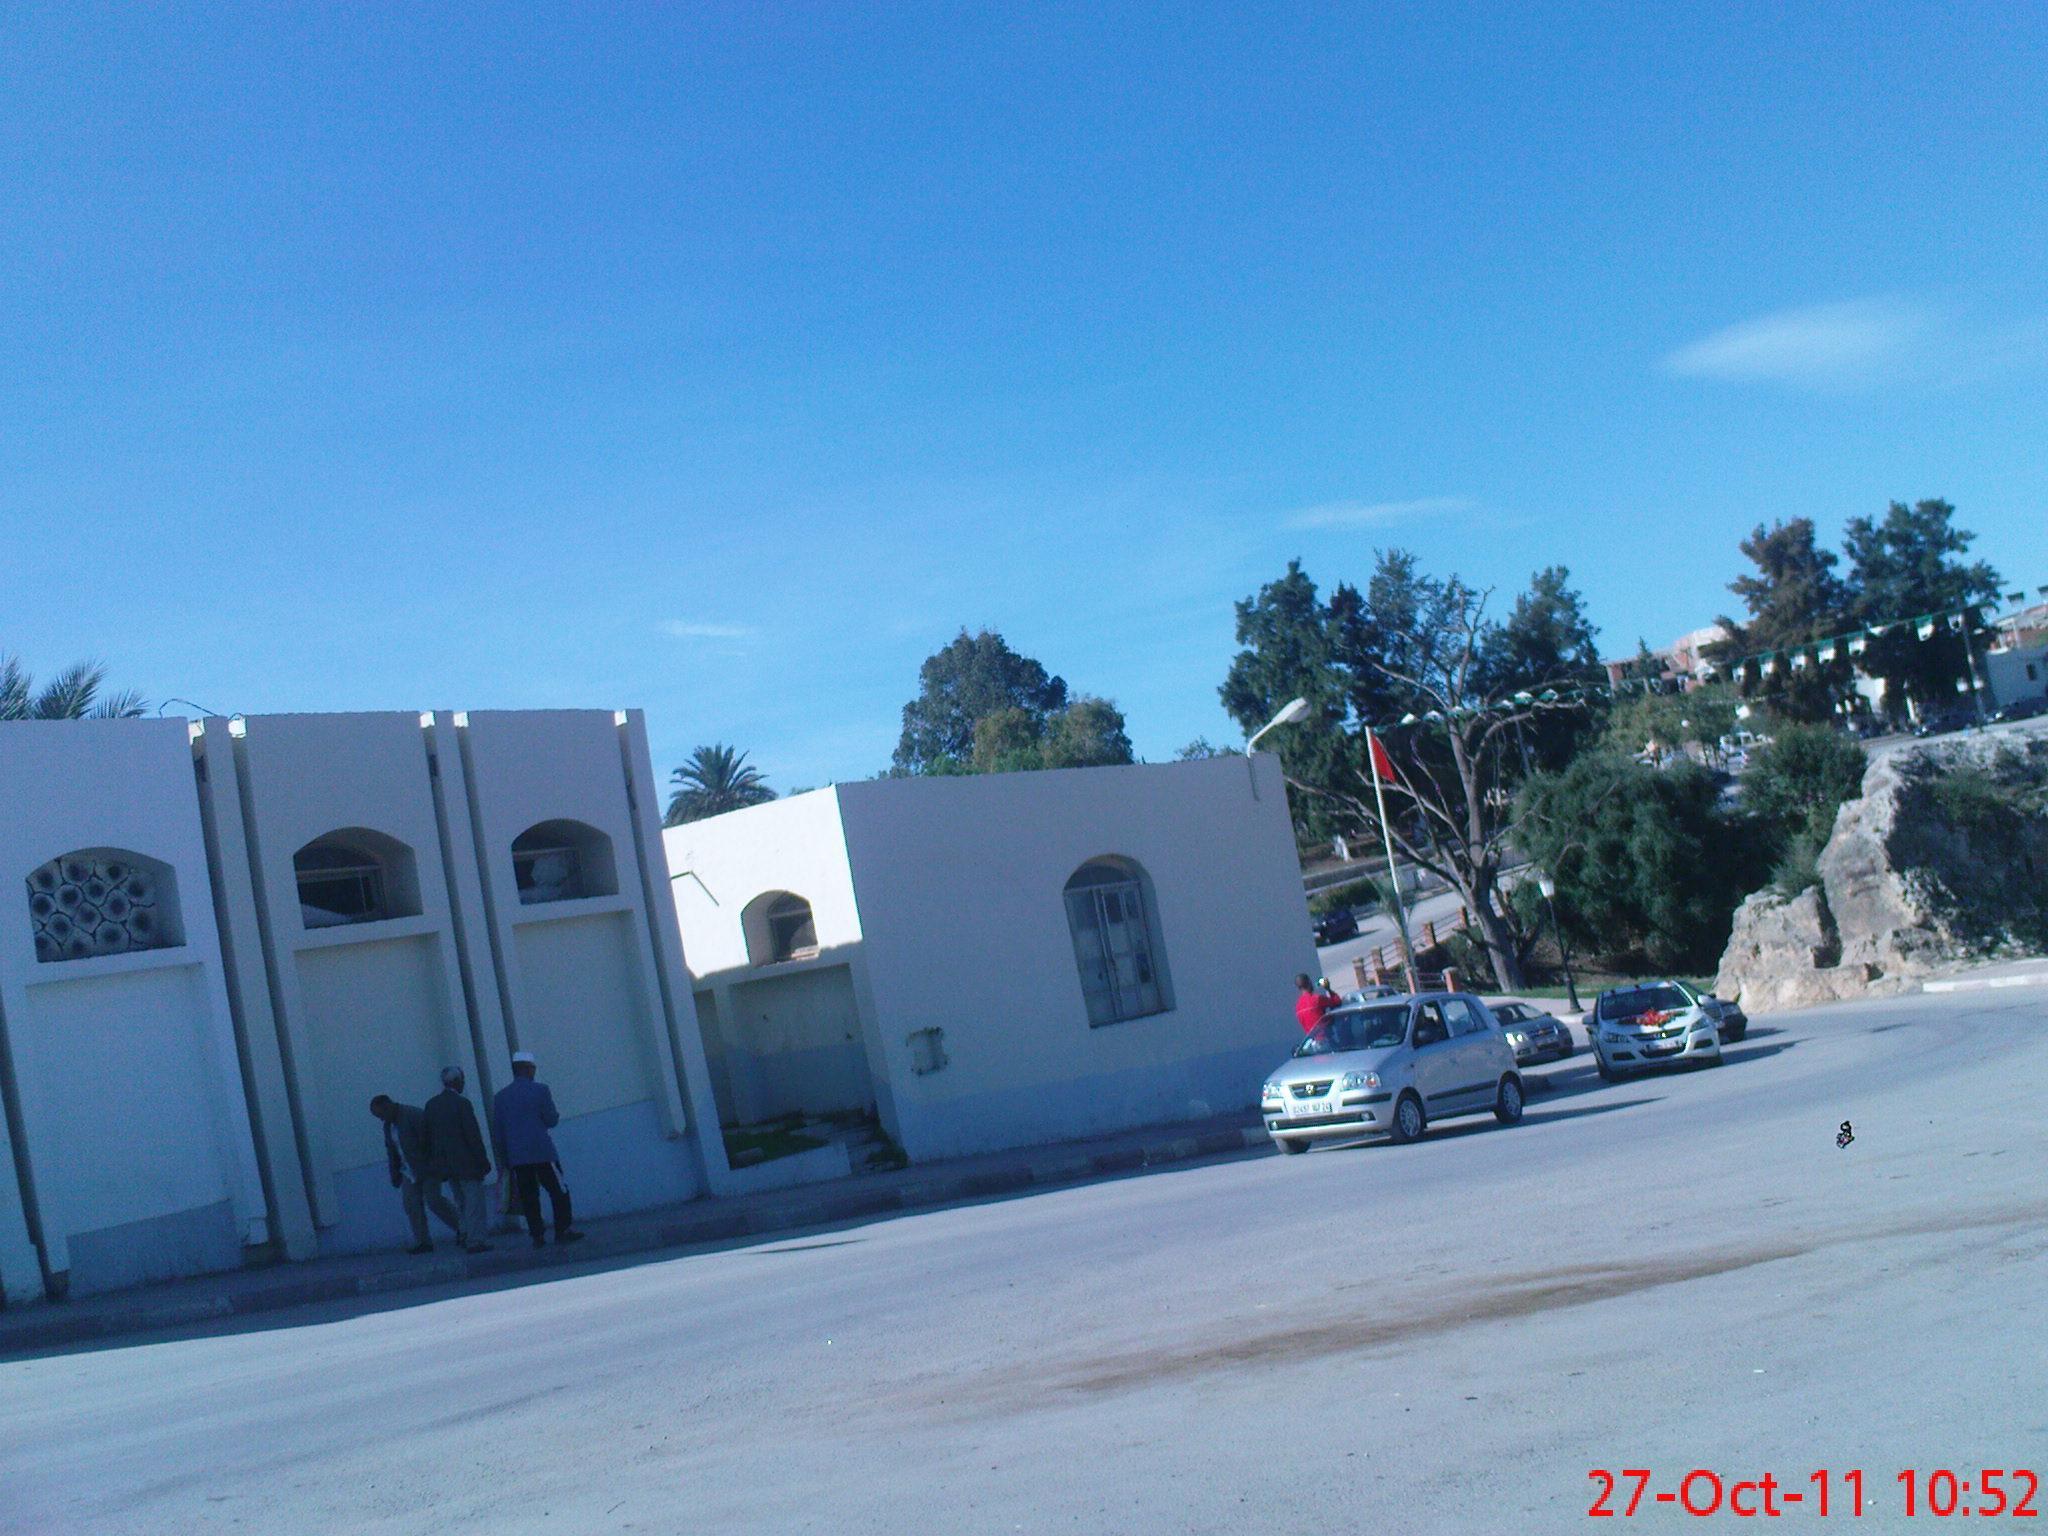 صور حصرية من حمام الشلالة حمام دباغ 932592306